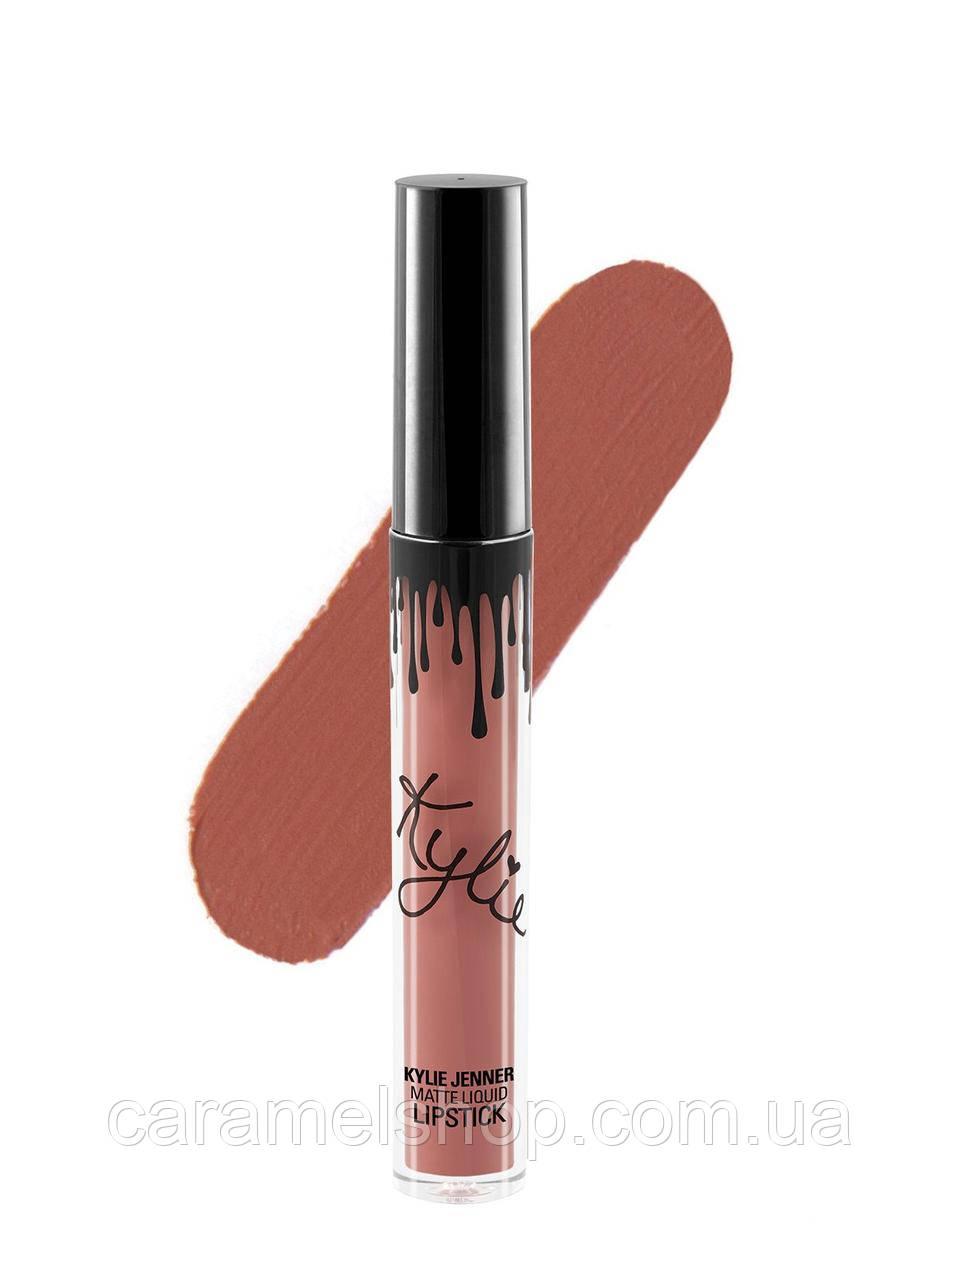 Жидкая матовая помада Kylie 8653 цвет Candy K | Matte Liquid Lipstick реплика